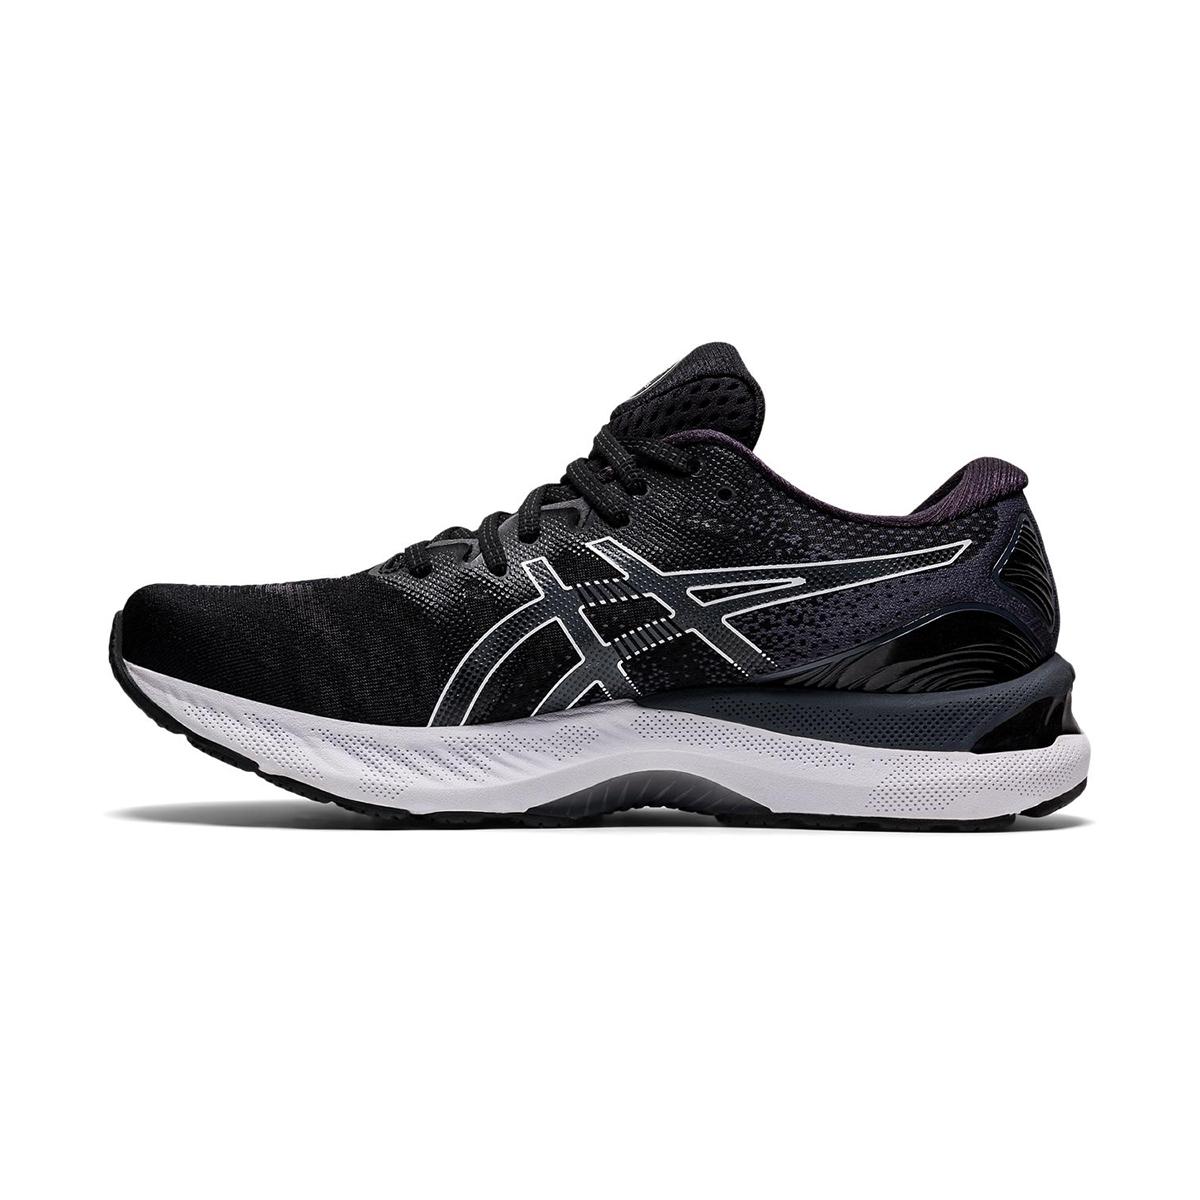 Men's Asics GEL-Nimbus 23 Running Shoe, , large, image 2